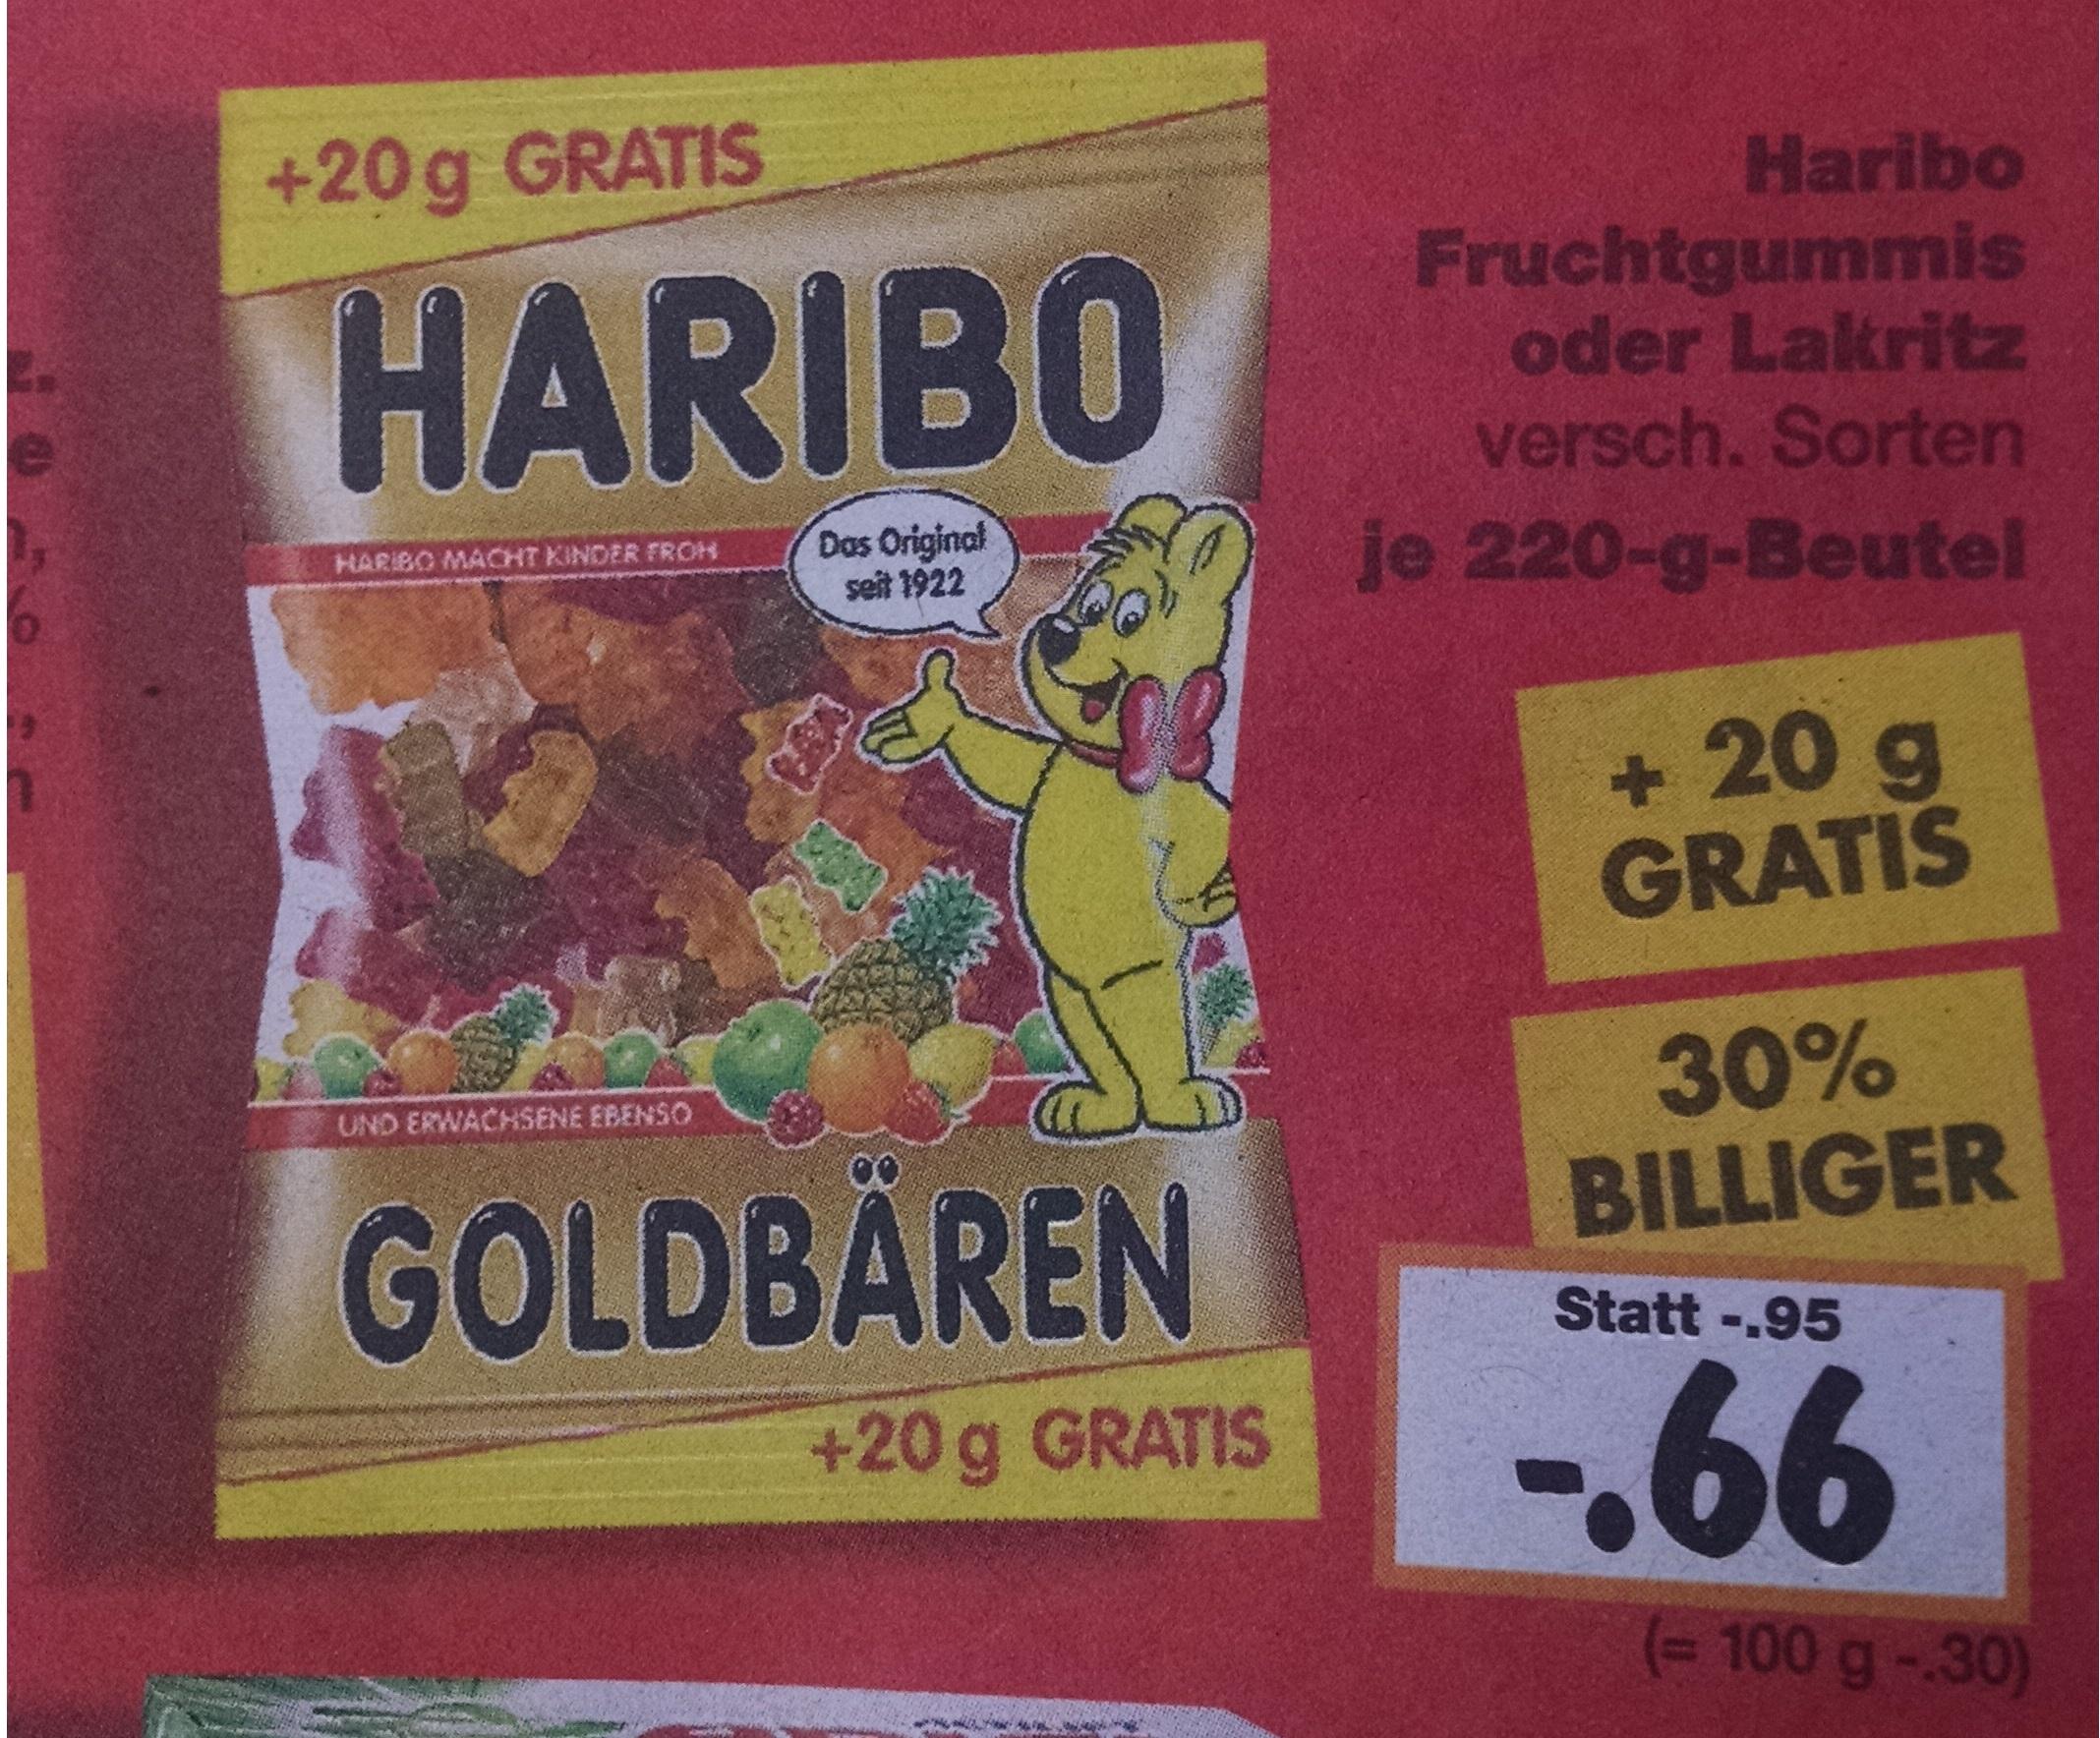 [Kaufland] Haribo Fruchtgummi oder Lakritz | 30% billiger | +20g gratis | bundesweit